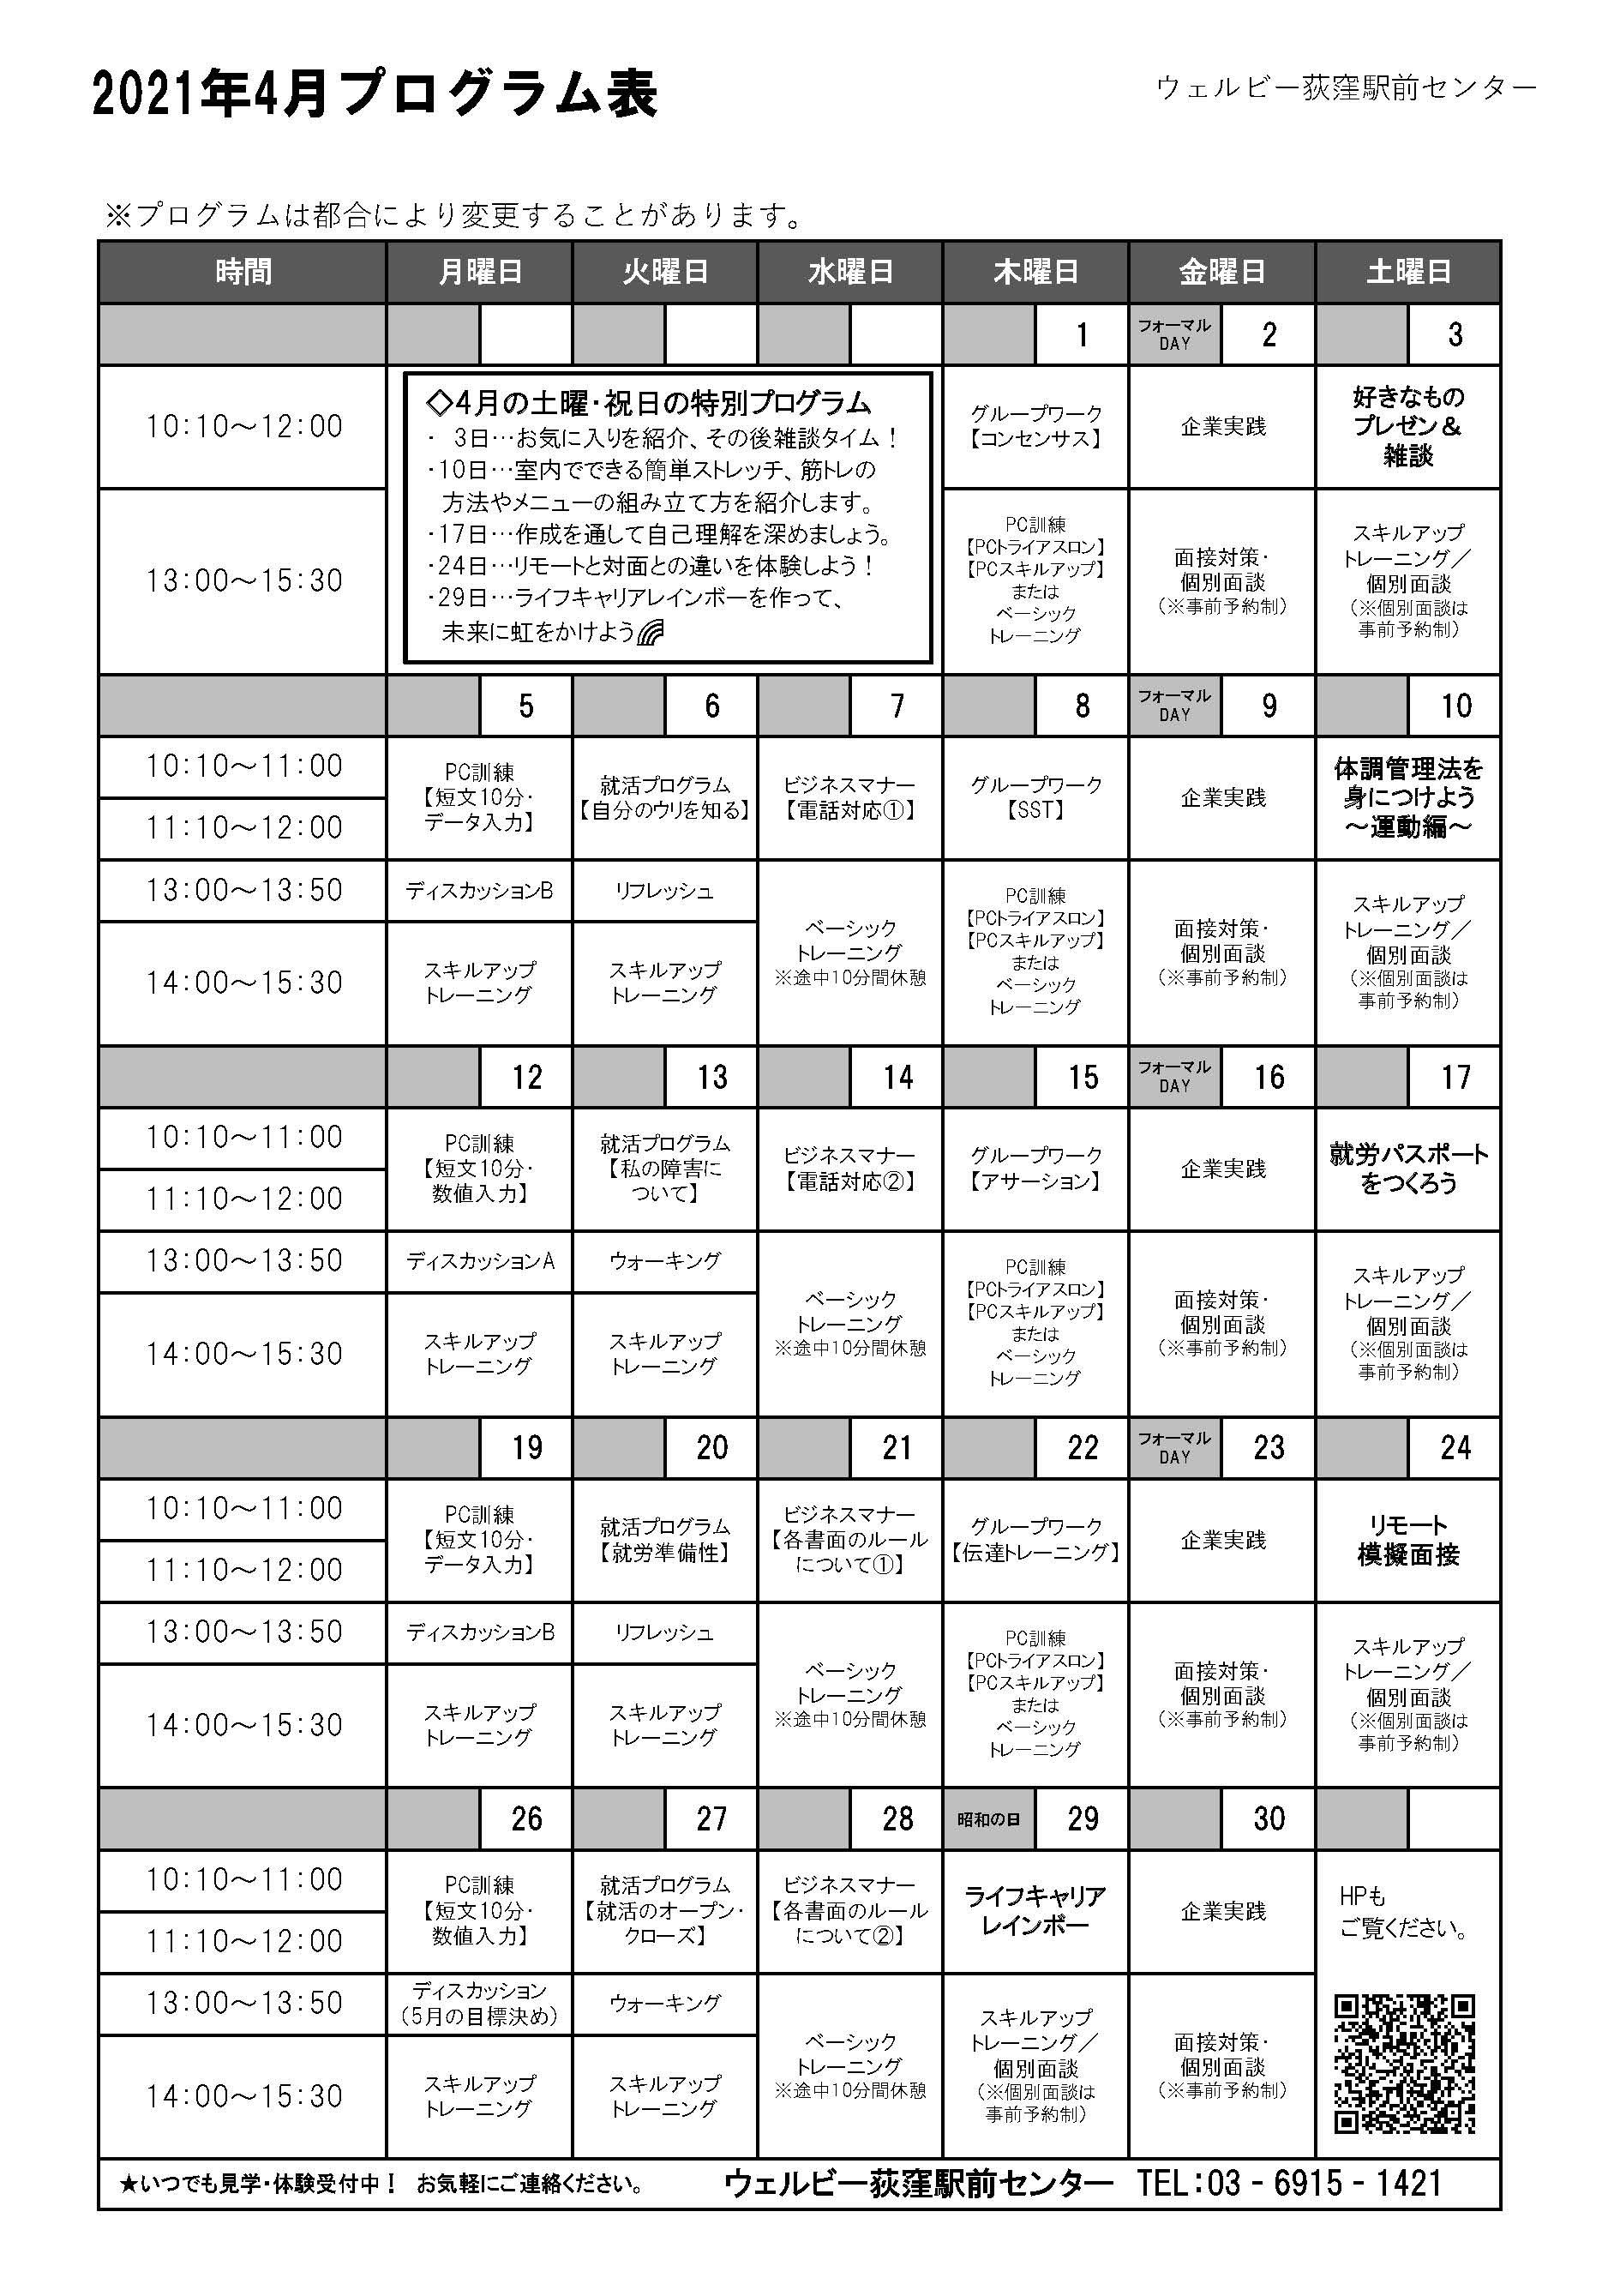 荻窪駅前センター2021年4月プログラム表